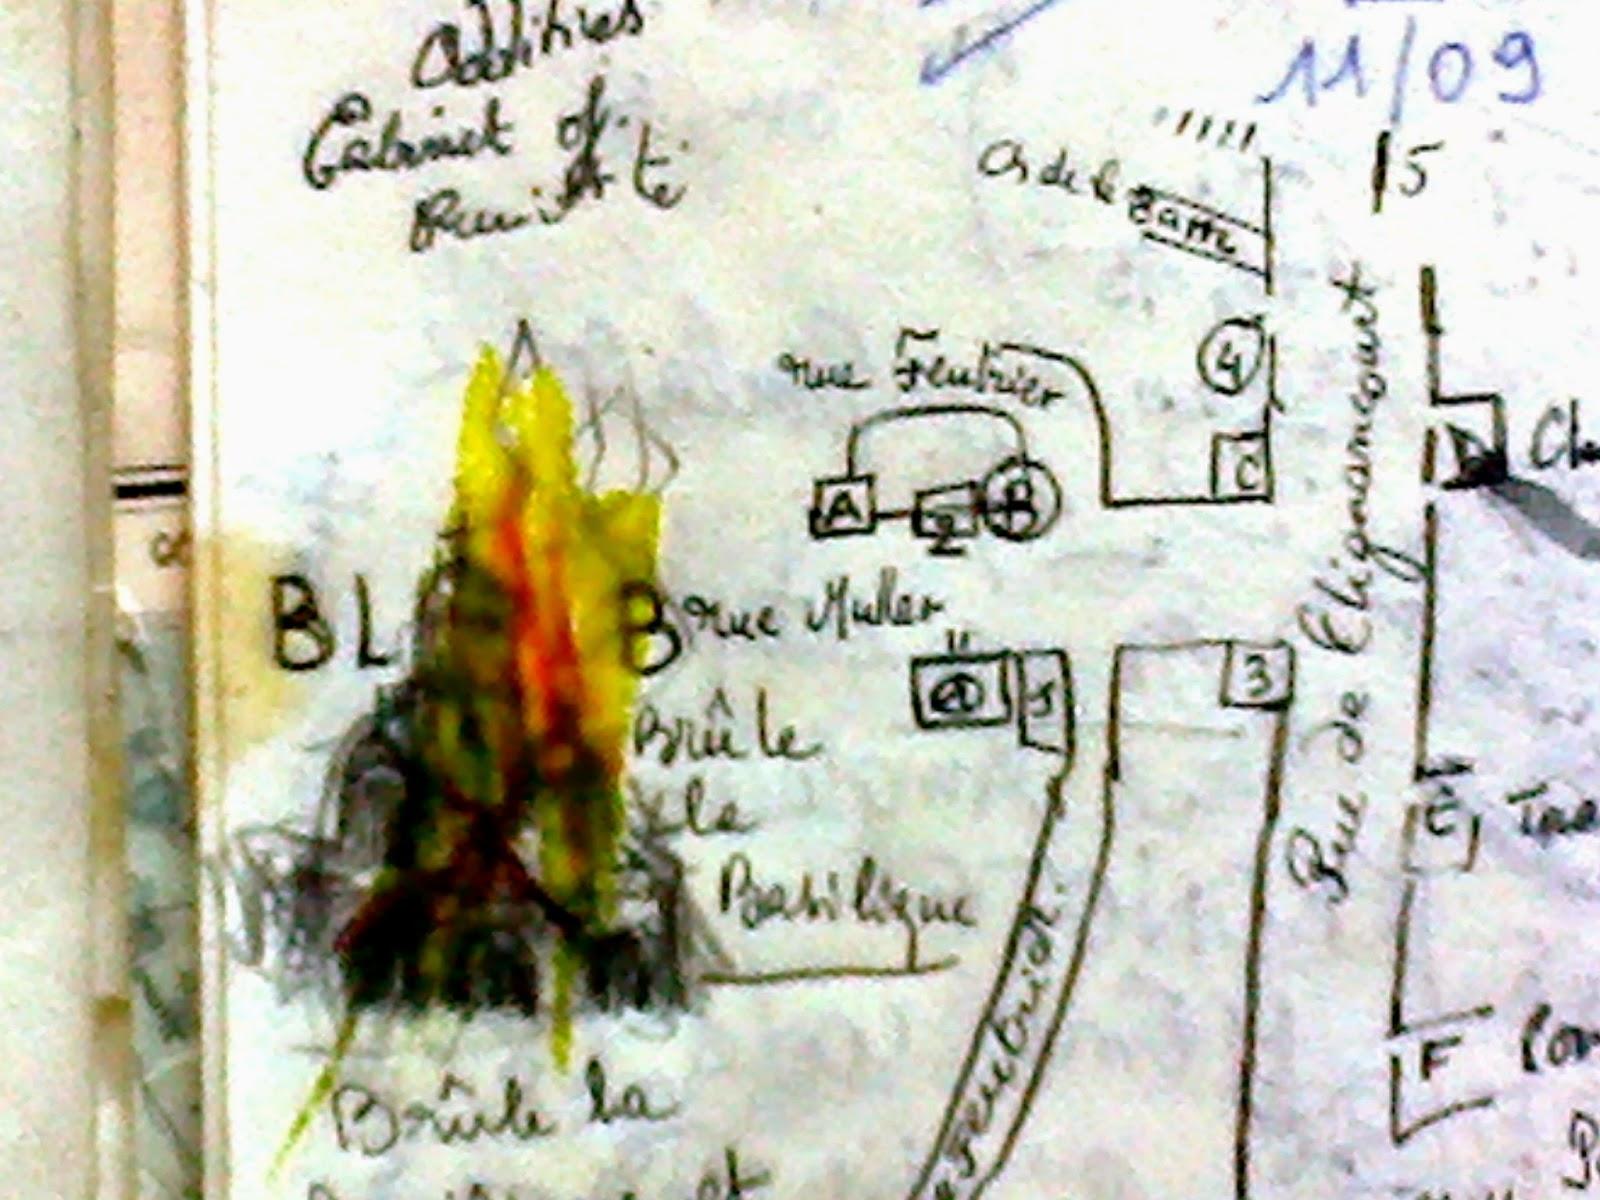 http://www.lesinrocks.com/2014/03/21/actualite/les-tags-anarchistes-du-sacre-coeur-ravivent-la-memoire-de-la-commune-11490162/